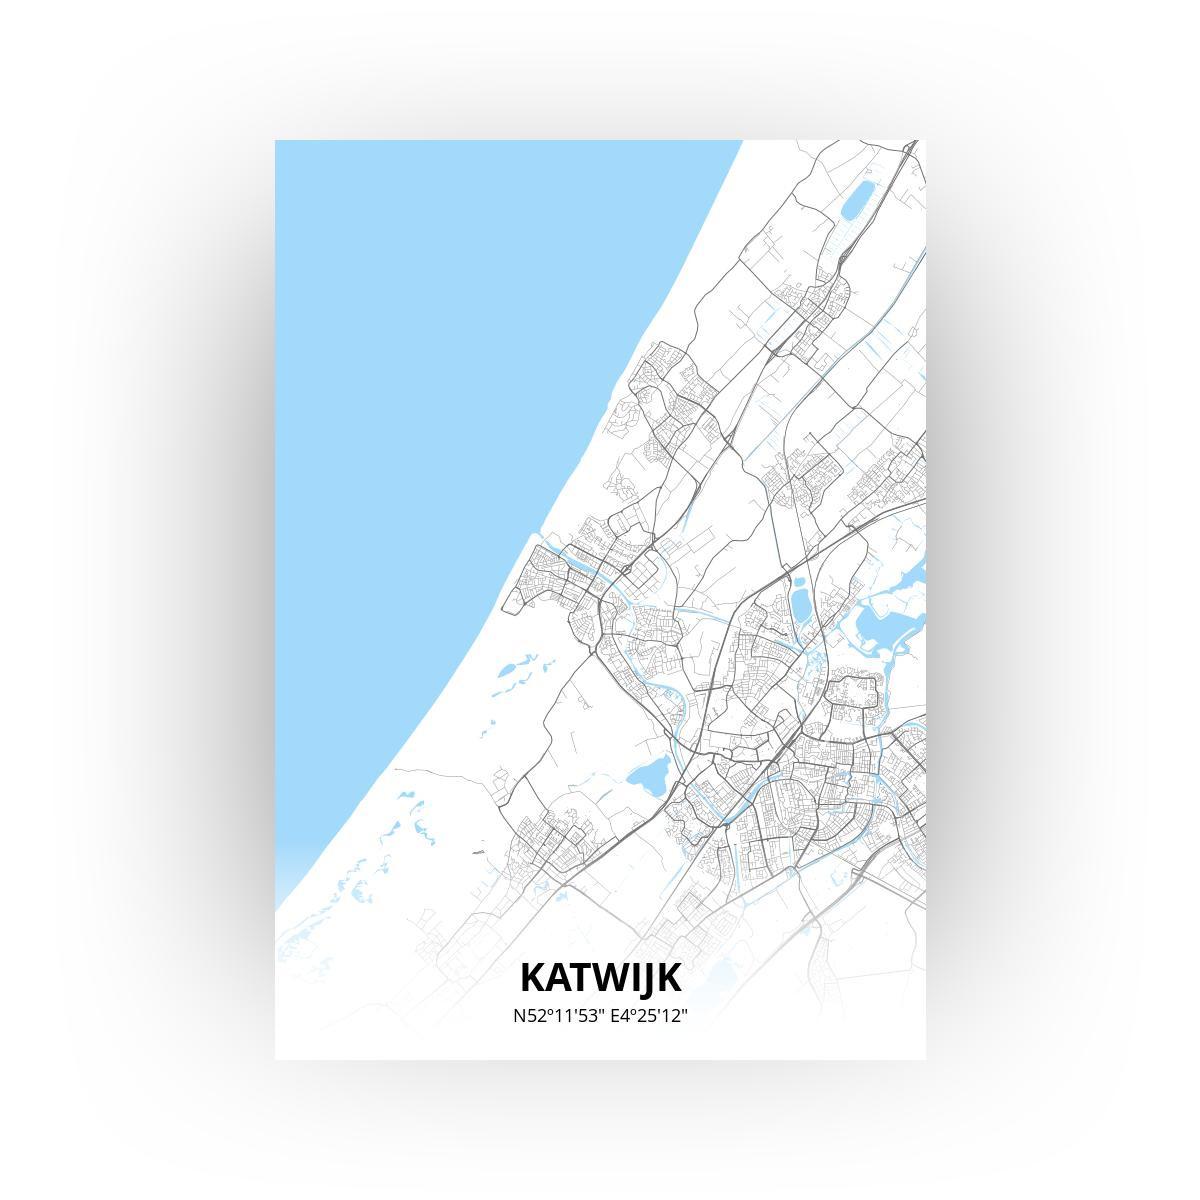 Katwijk print - Standaard stijl